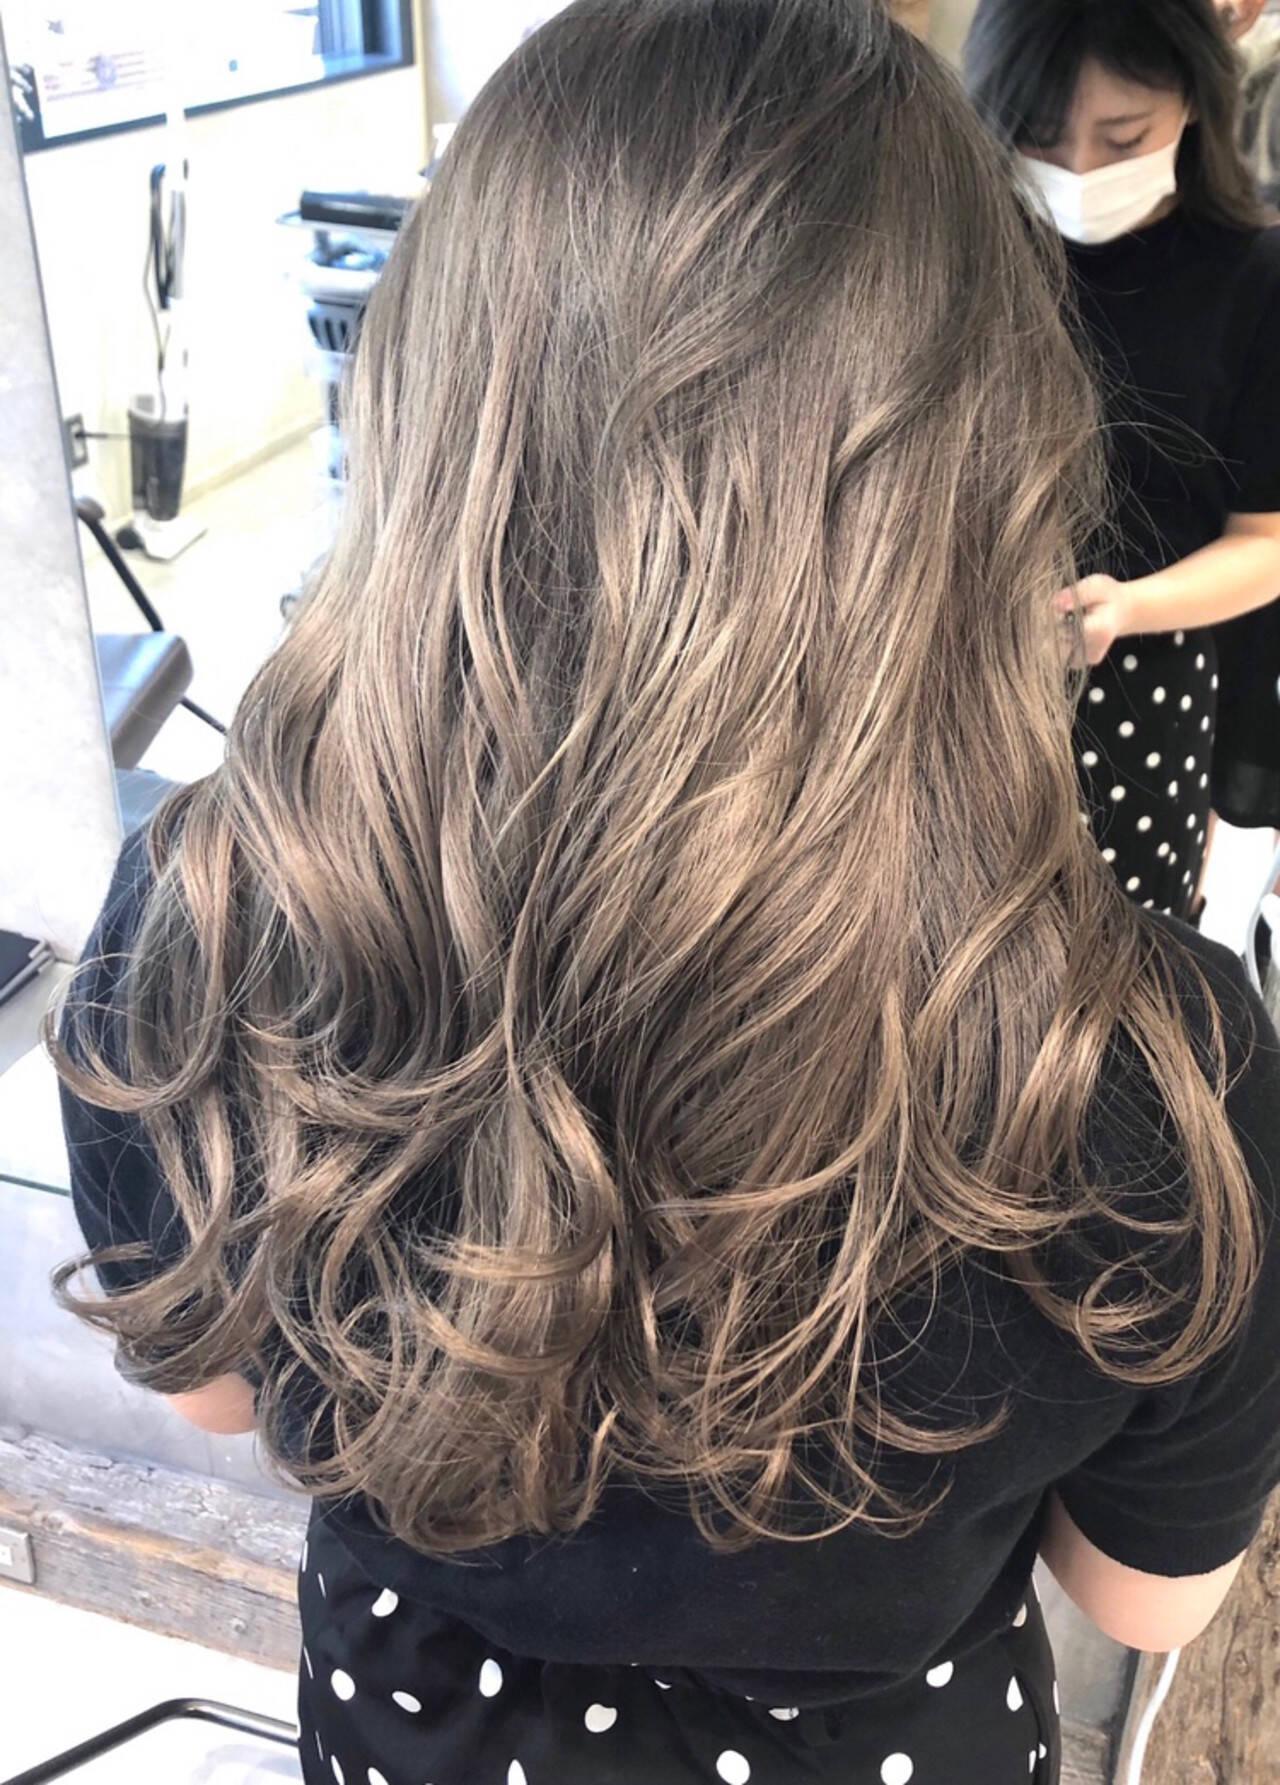 ロング ハイライト ストリート バレイヤージュヘアスタイルや髪型の写真・画像